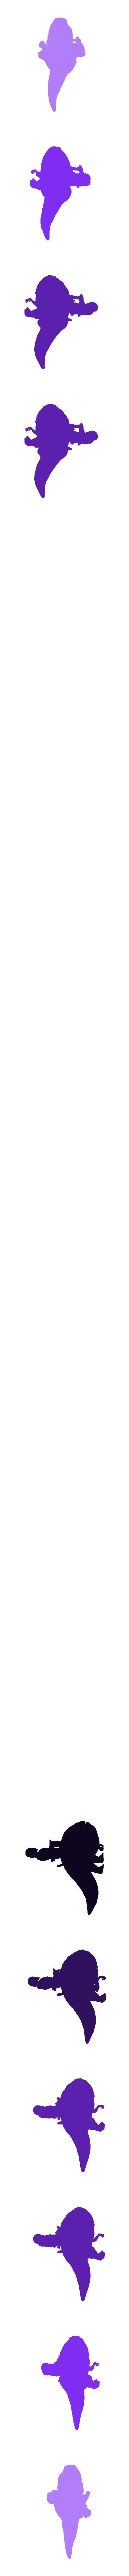 """mando-riding-a-small-blurrg.stl Télécharger fichier STL gratuit Mando chevauchant un Blurrg (de l'émission """"The Mandalorian"""") • Modèle pour impression 3D, artspam"""